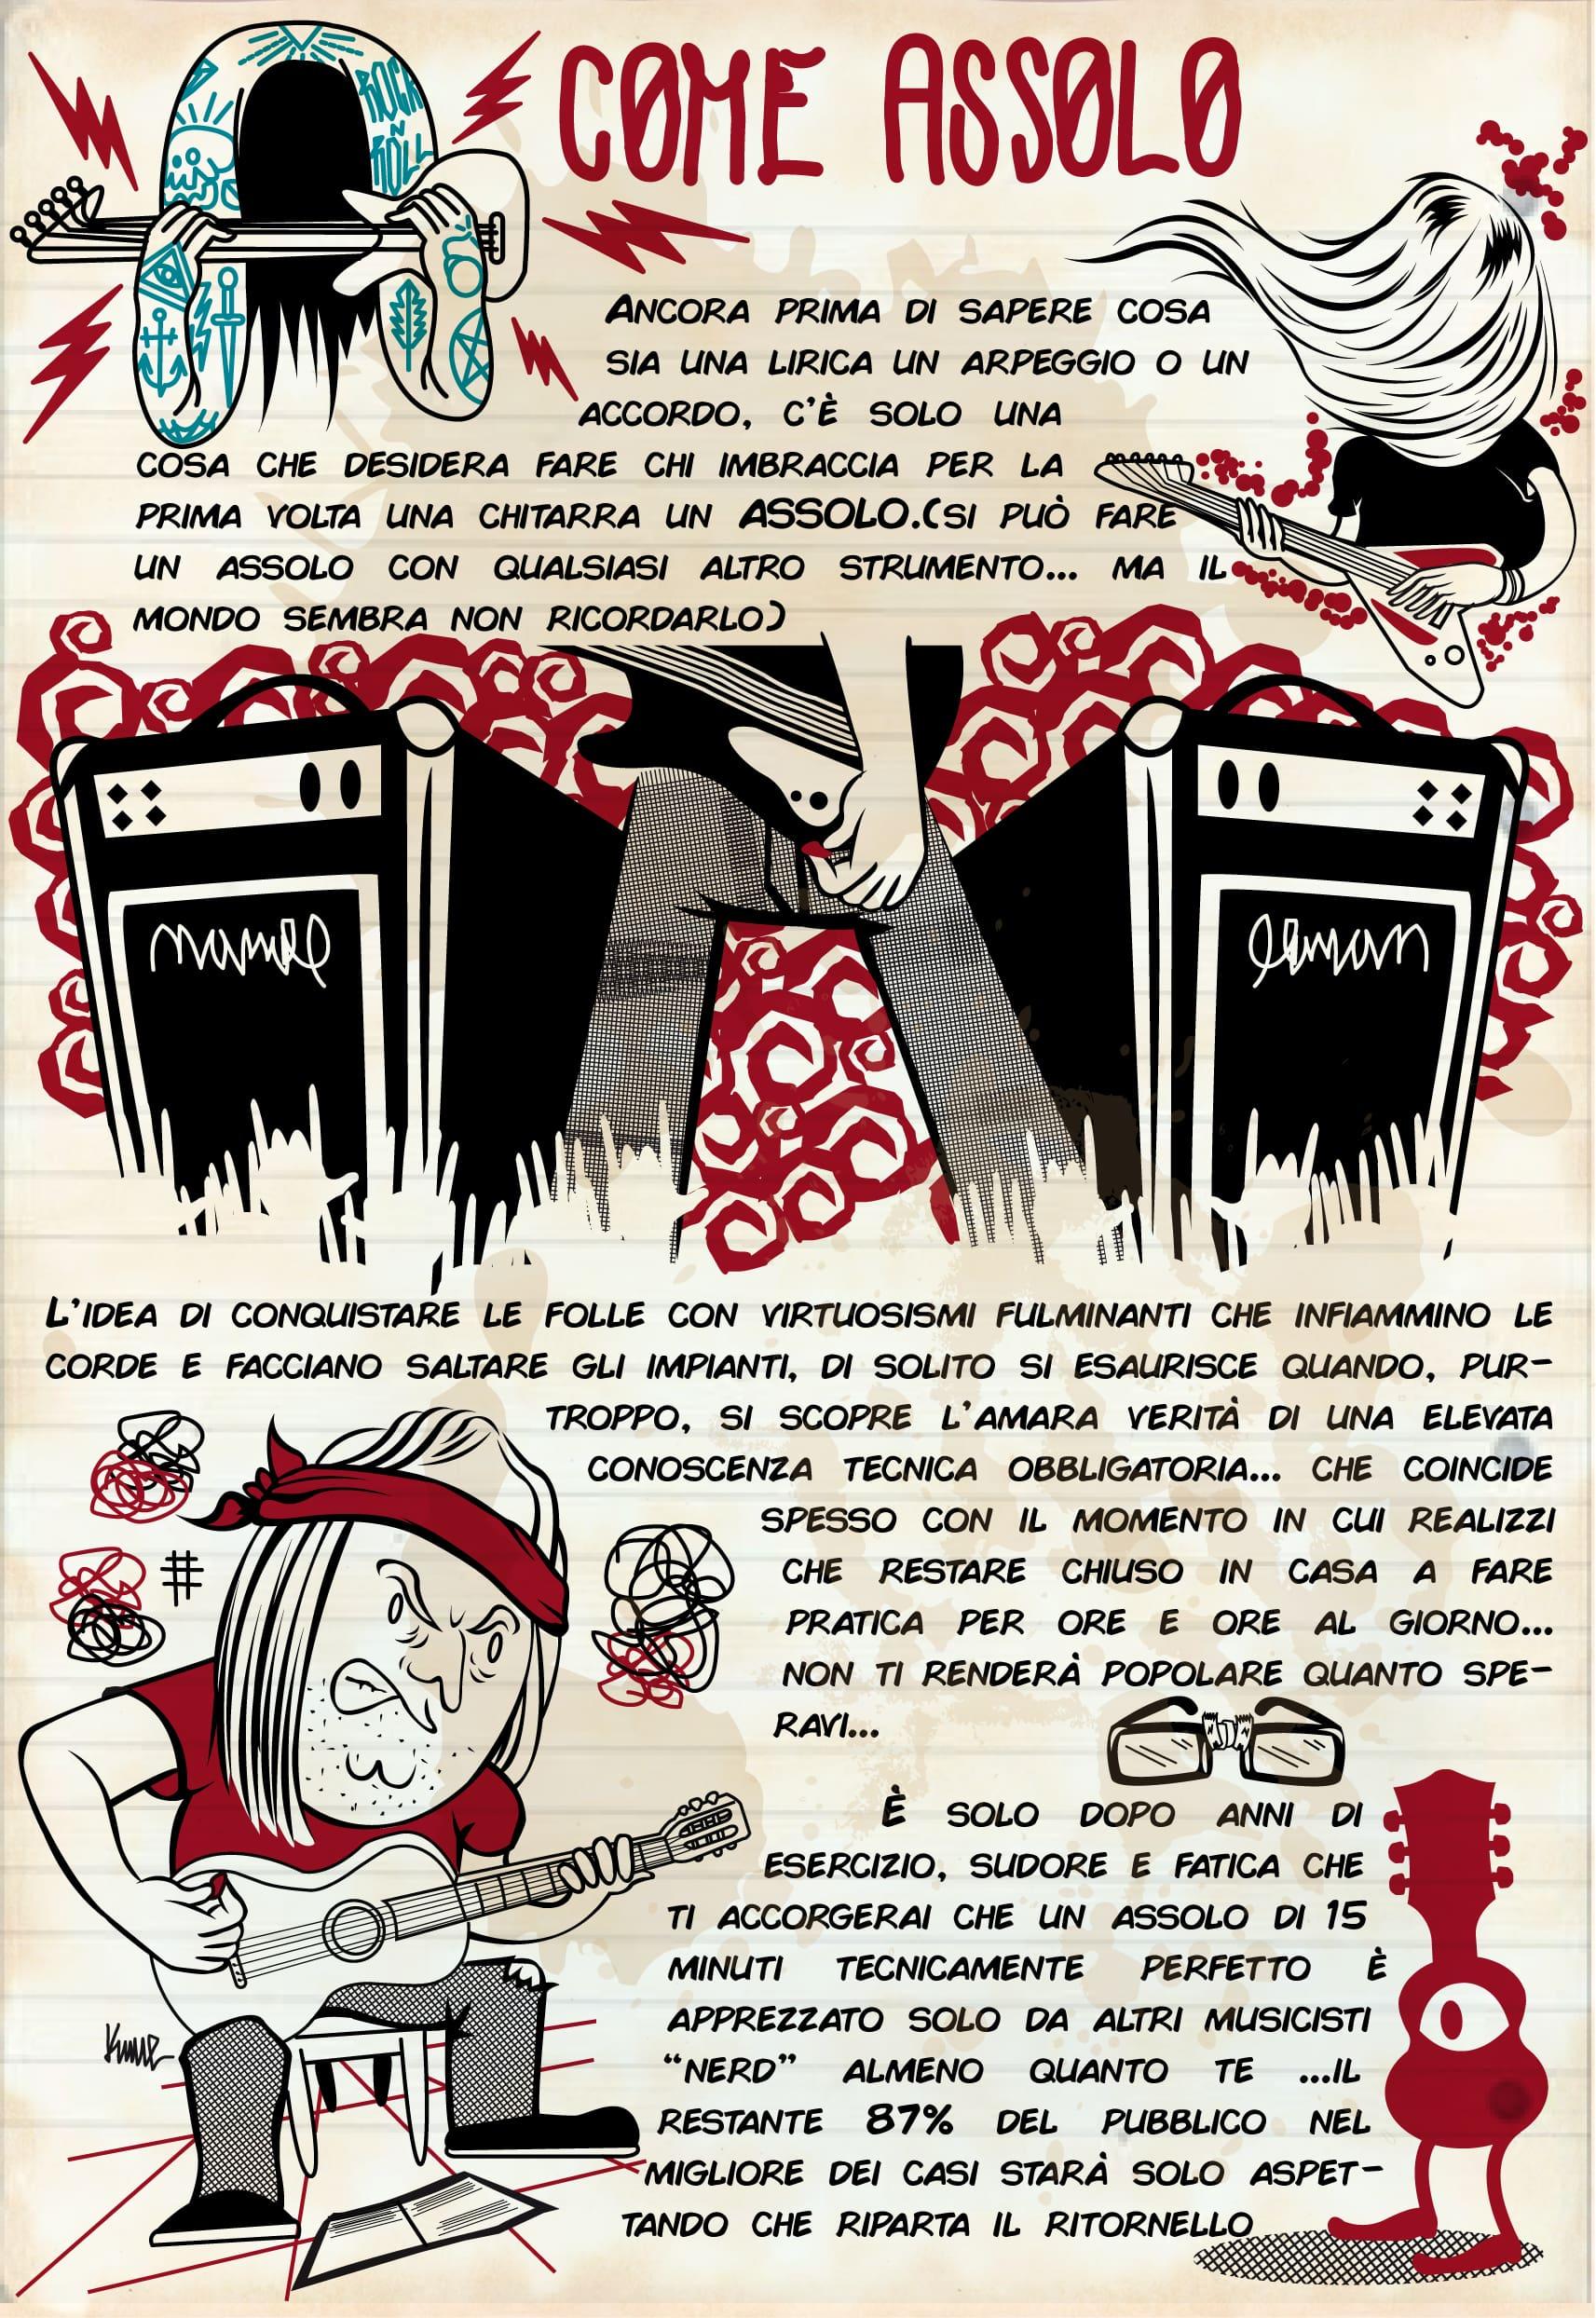 Alfabeto A 22 - fanzine